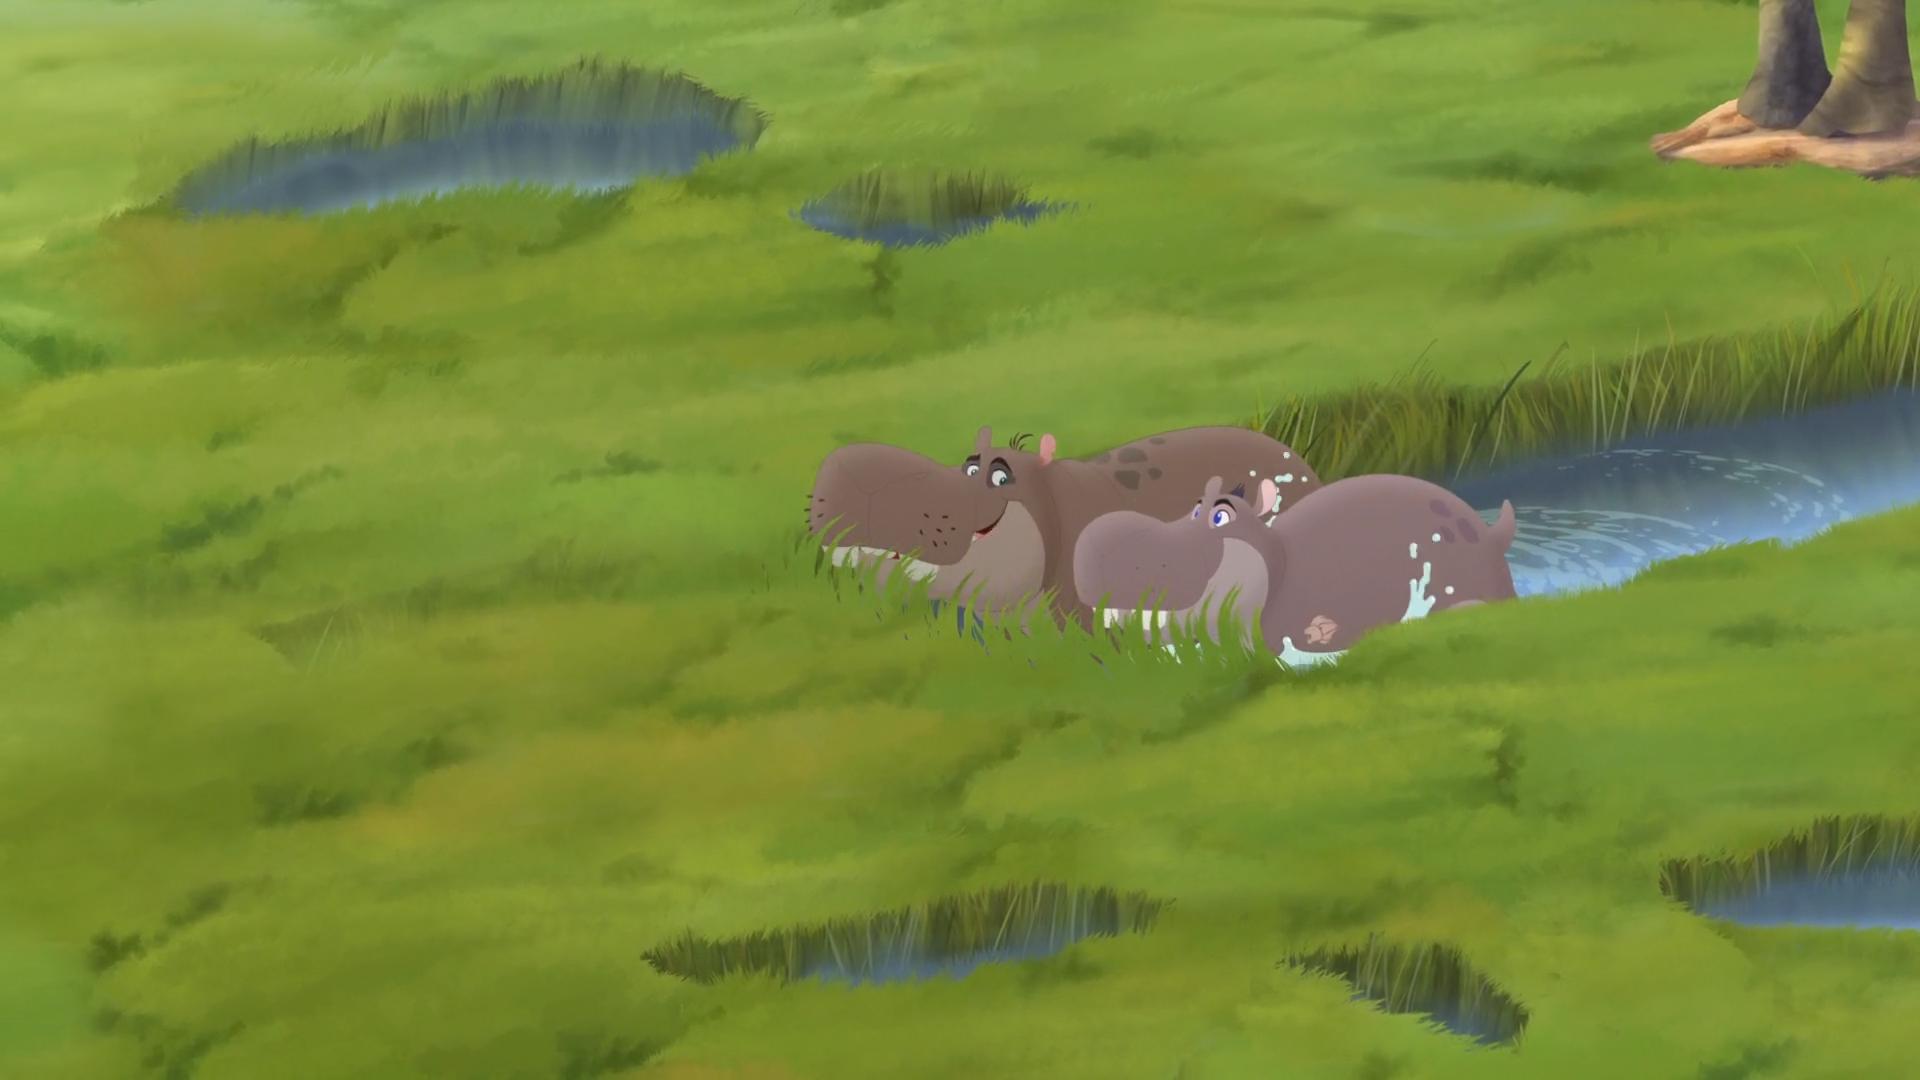 Hippo lanes